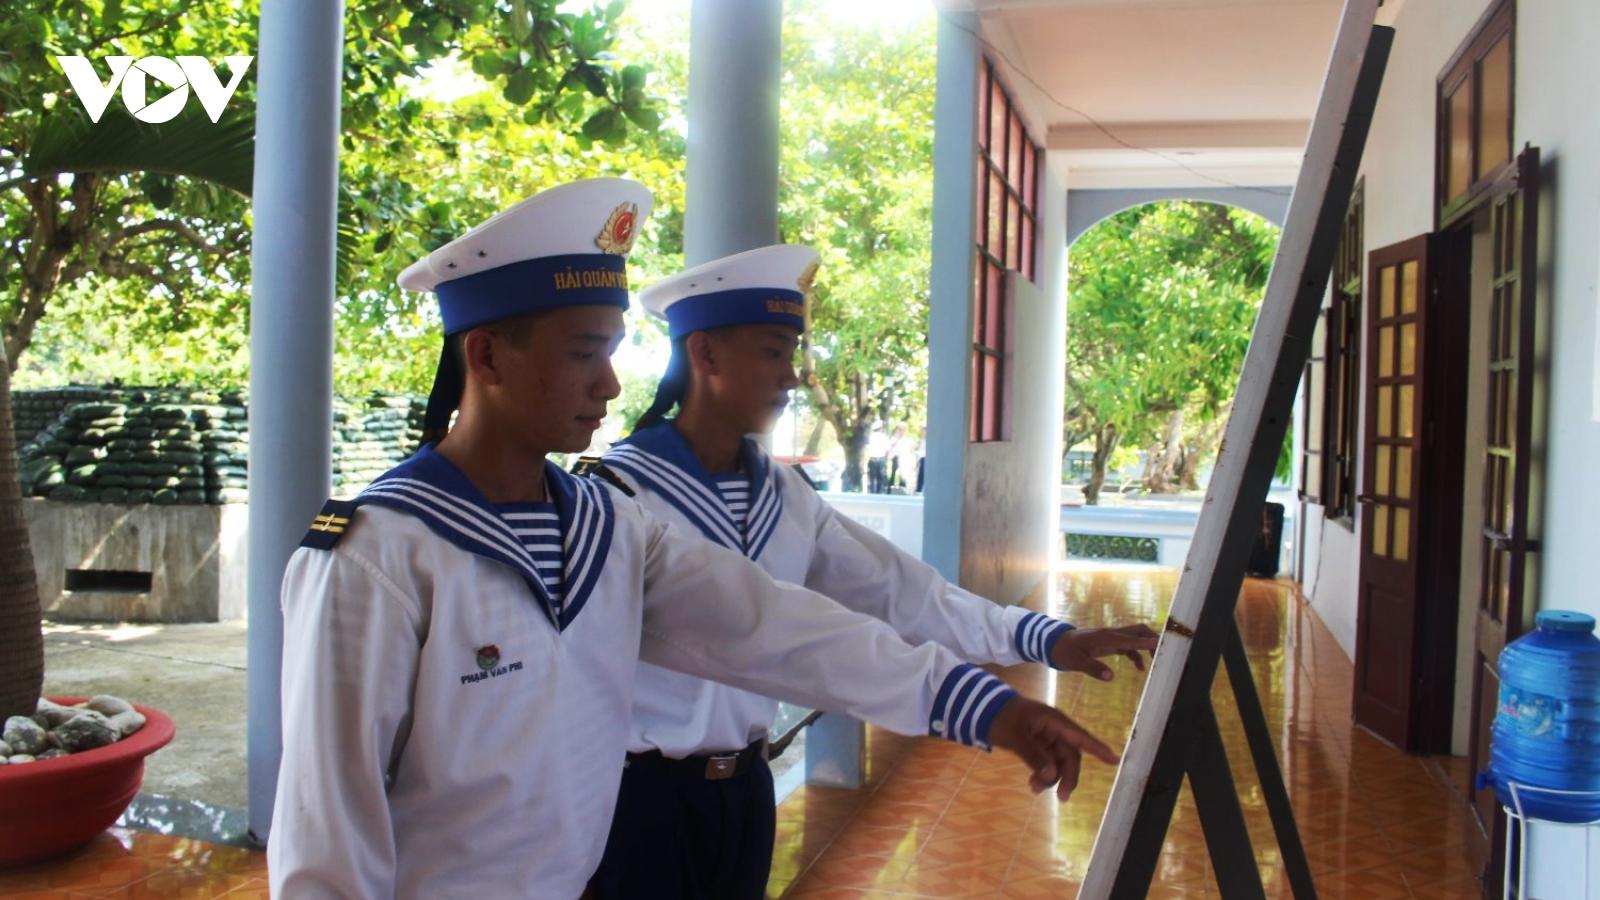 Huyện đảo Trường Sa đã sẵn sàng cho bầu cử sớm vào ngày 16/5